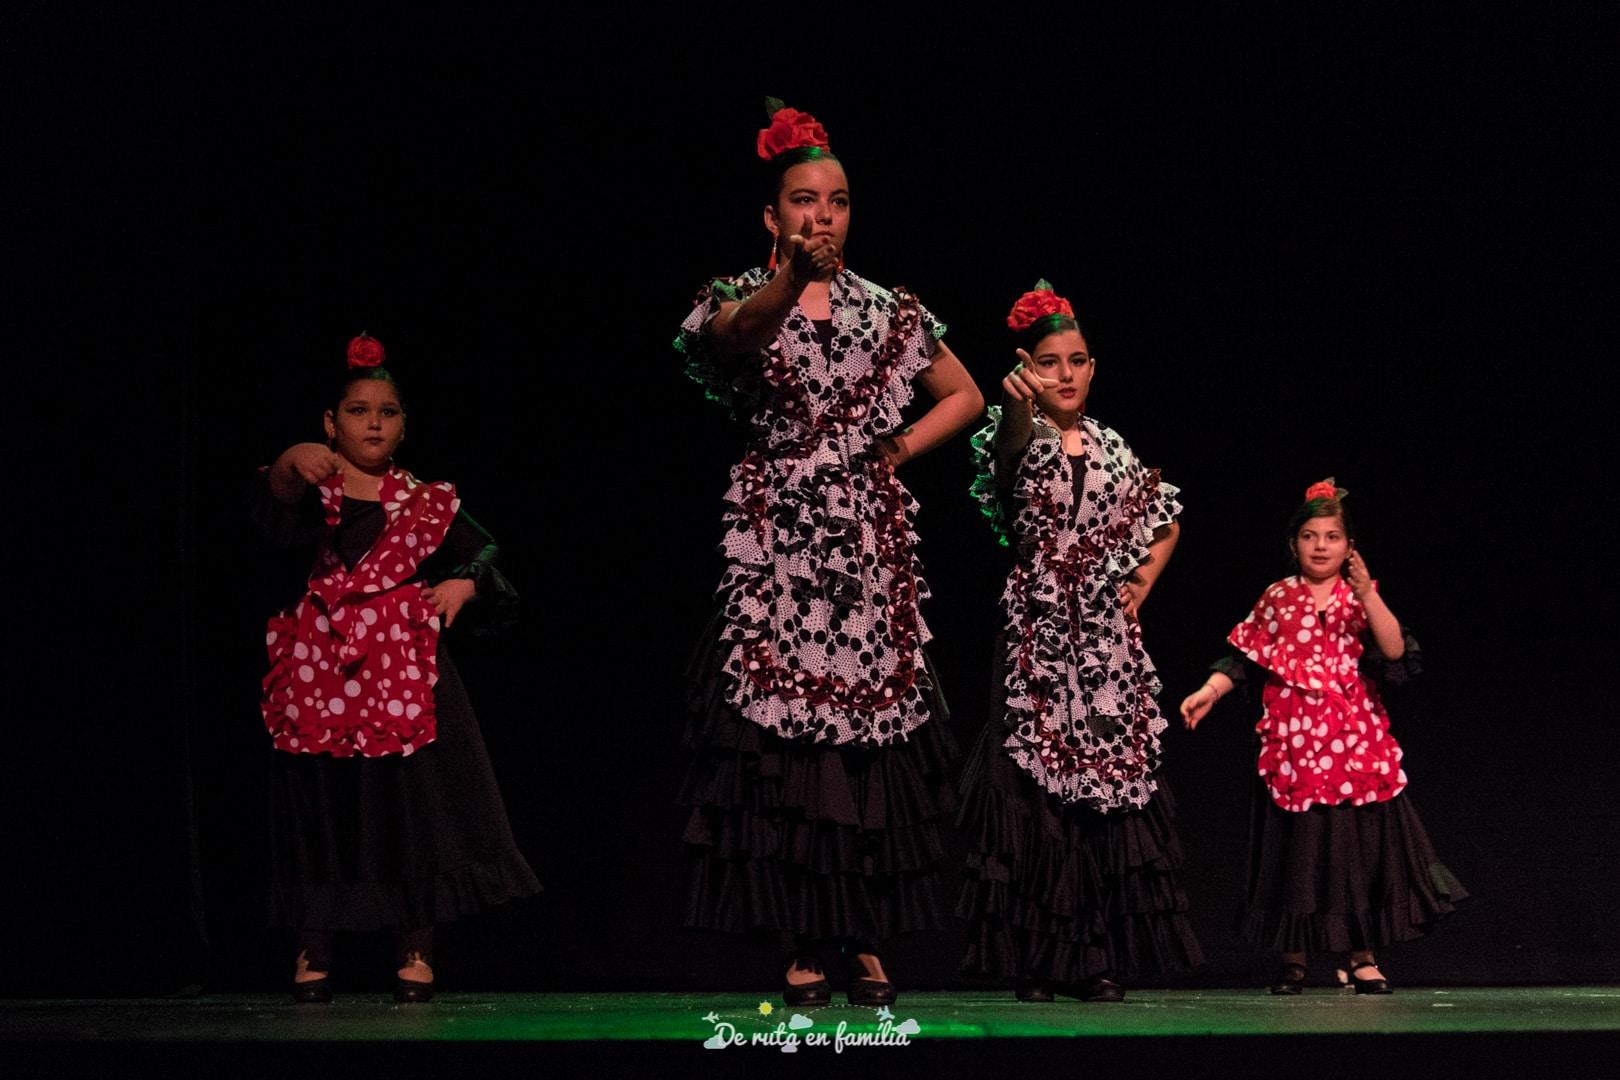 que fer tarragona tradicions flamenc